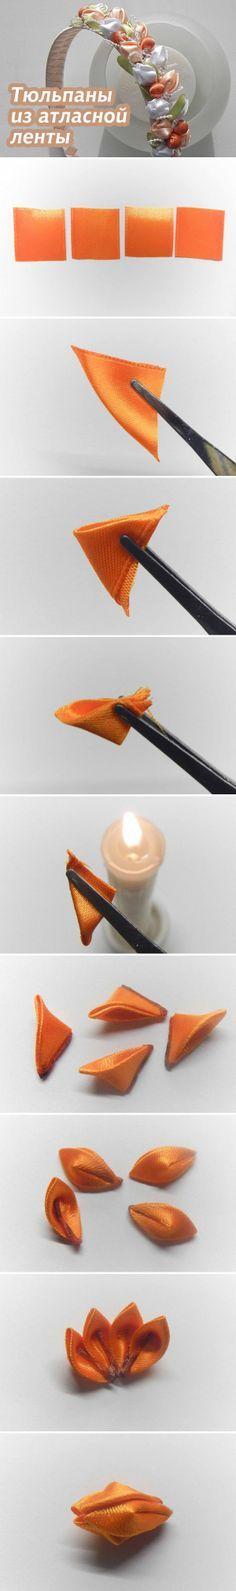 """Как сделать маленькие тюльпаны из атласной ленты в технике """"цумами канзаши"""" / Textile Tulips (tsumami kanzashi)"""